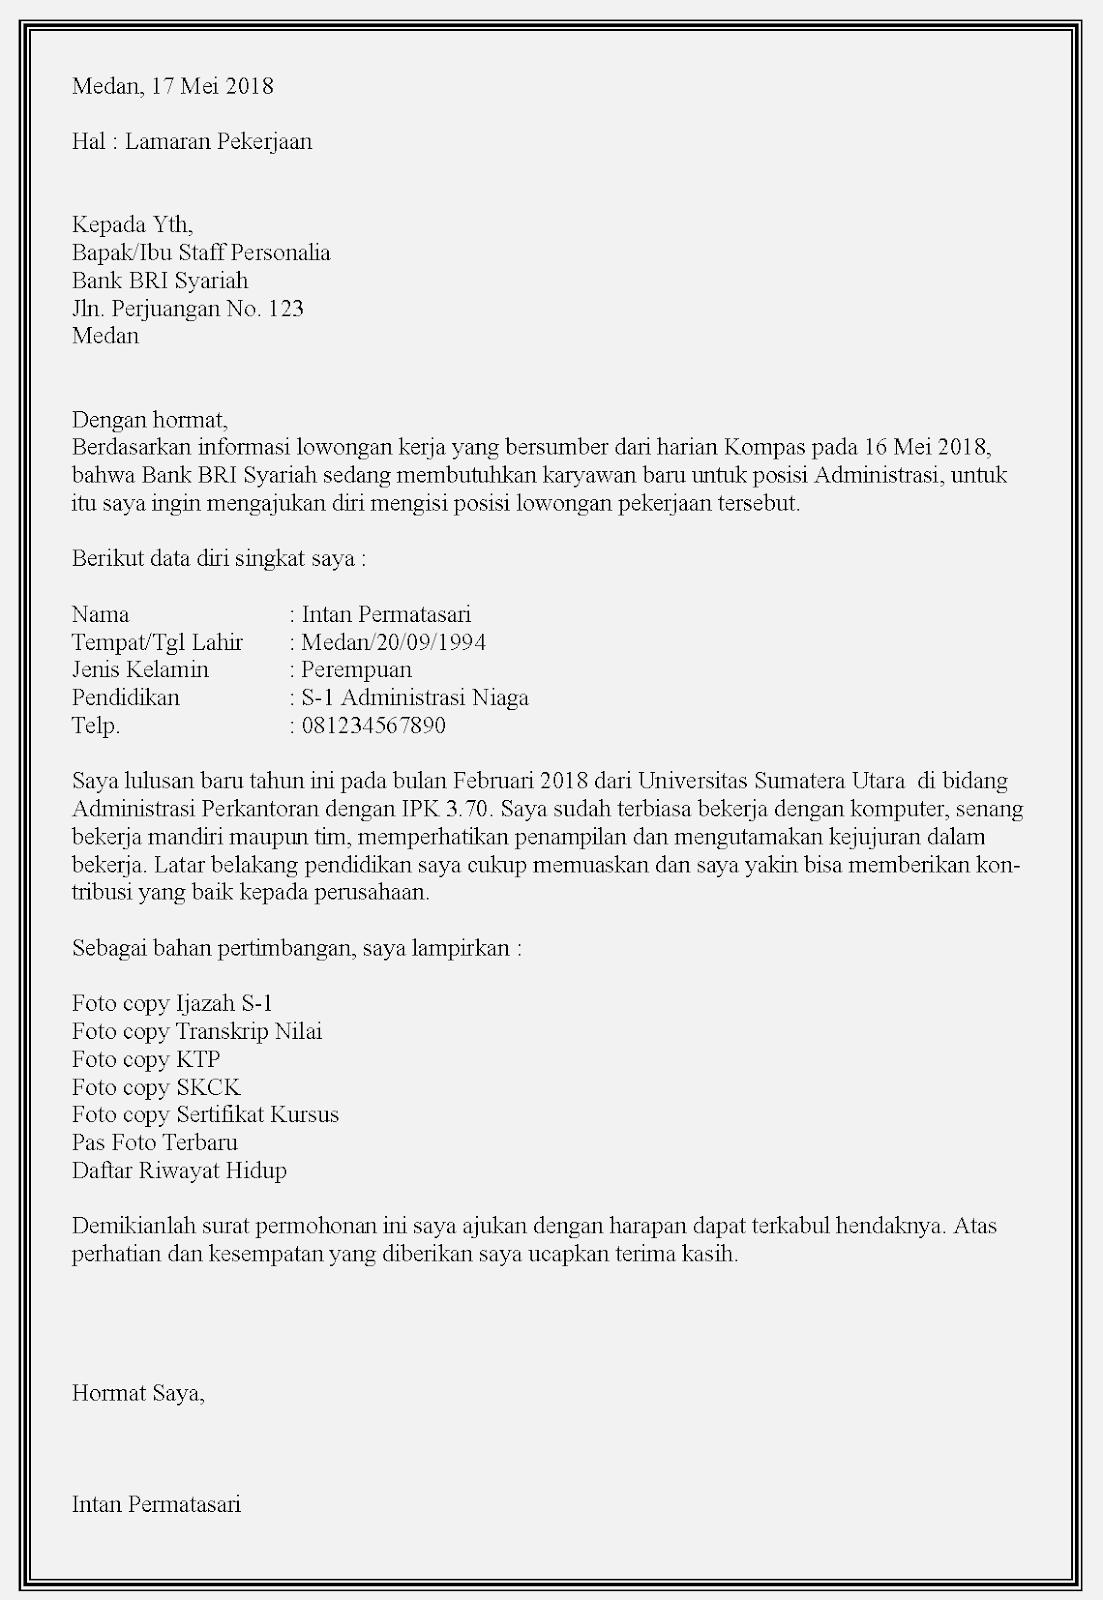 12 Contoh Surat Lamaran Kerja Bank Bri Contoh Surat